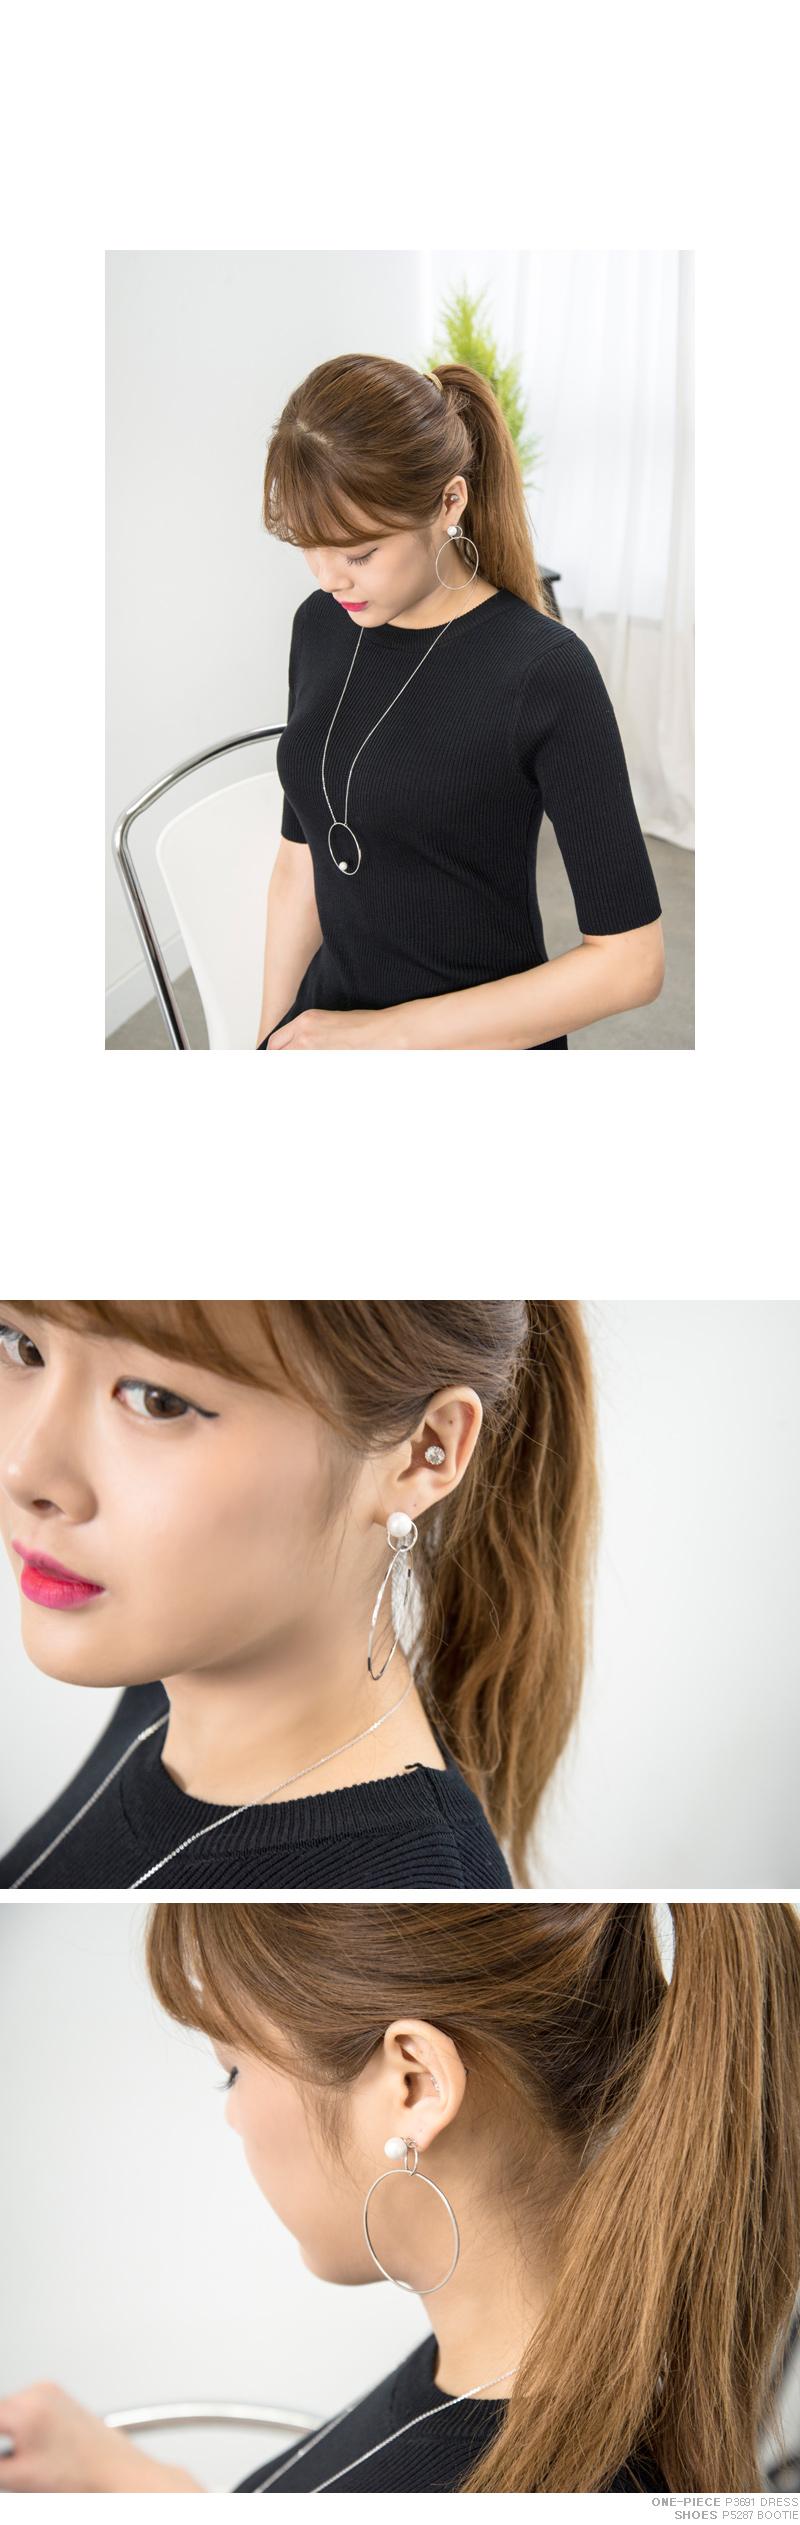 P5316 진주 링 롱 목걸이(케이스포함) - 쿠키세븐, 15,840원, 패션, 패션목걸이